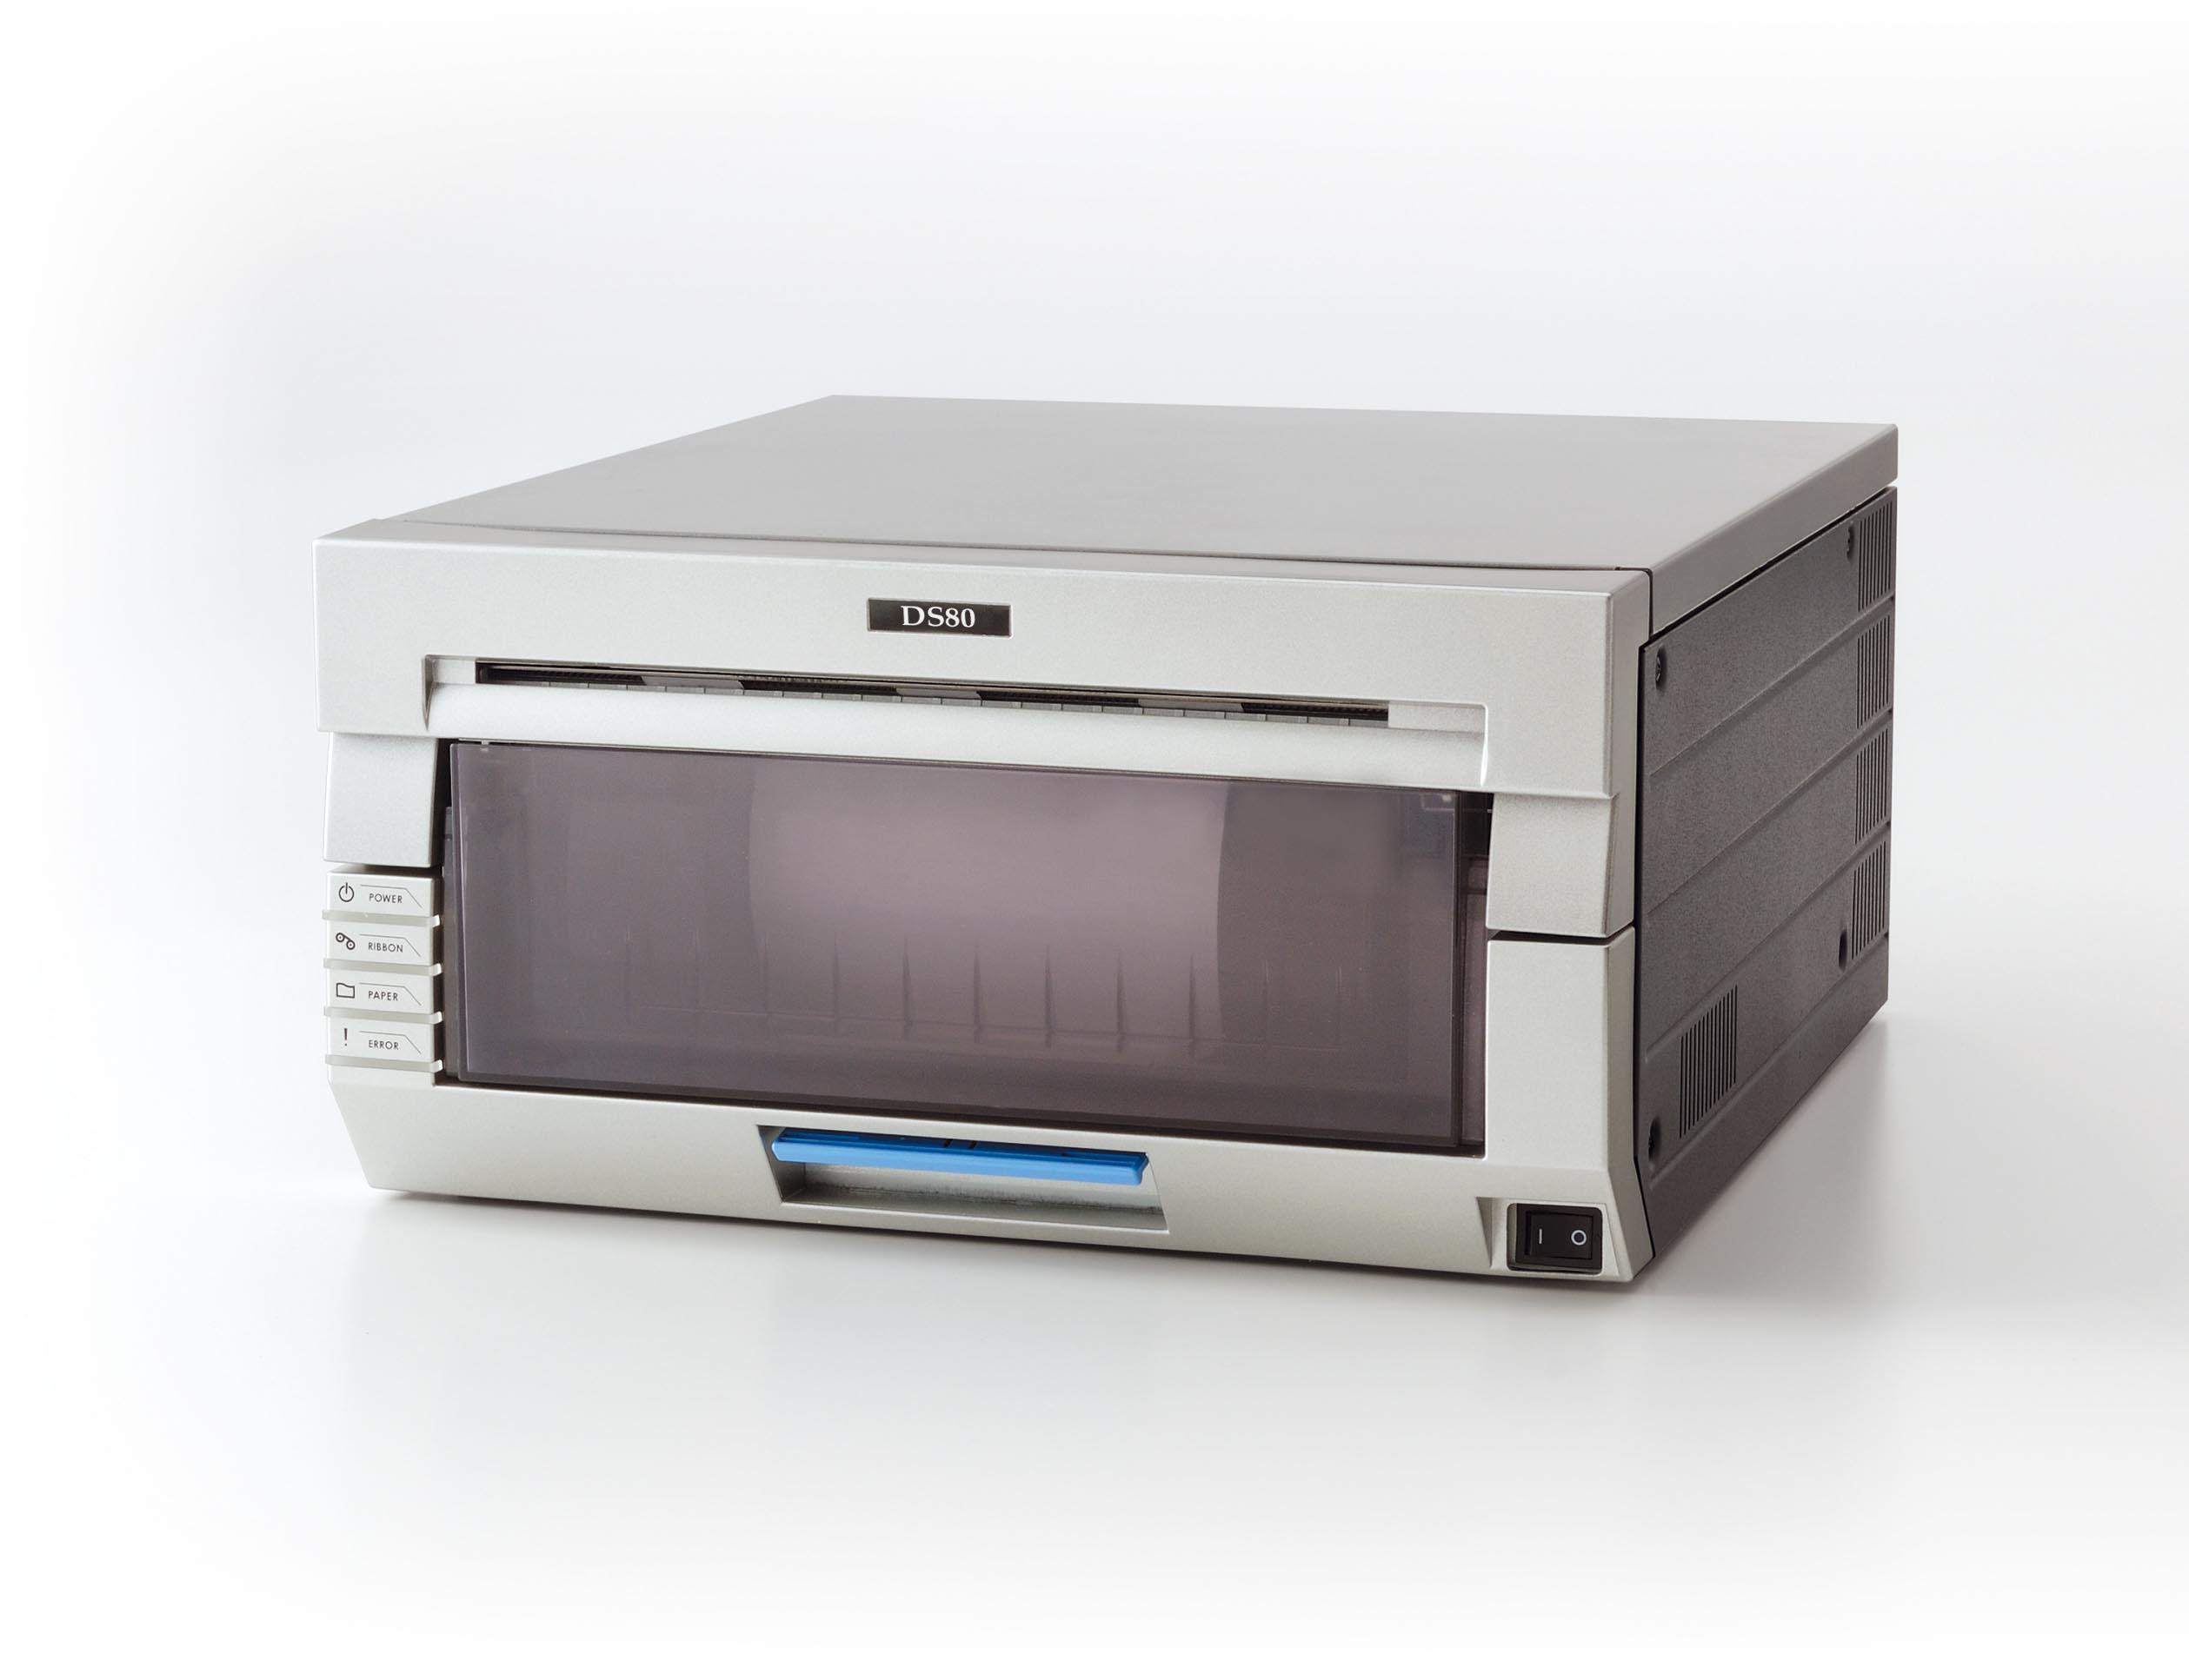 DNP DS80 DRIVERS PC